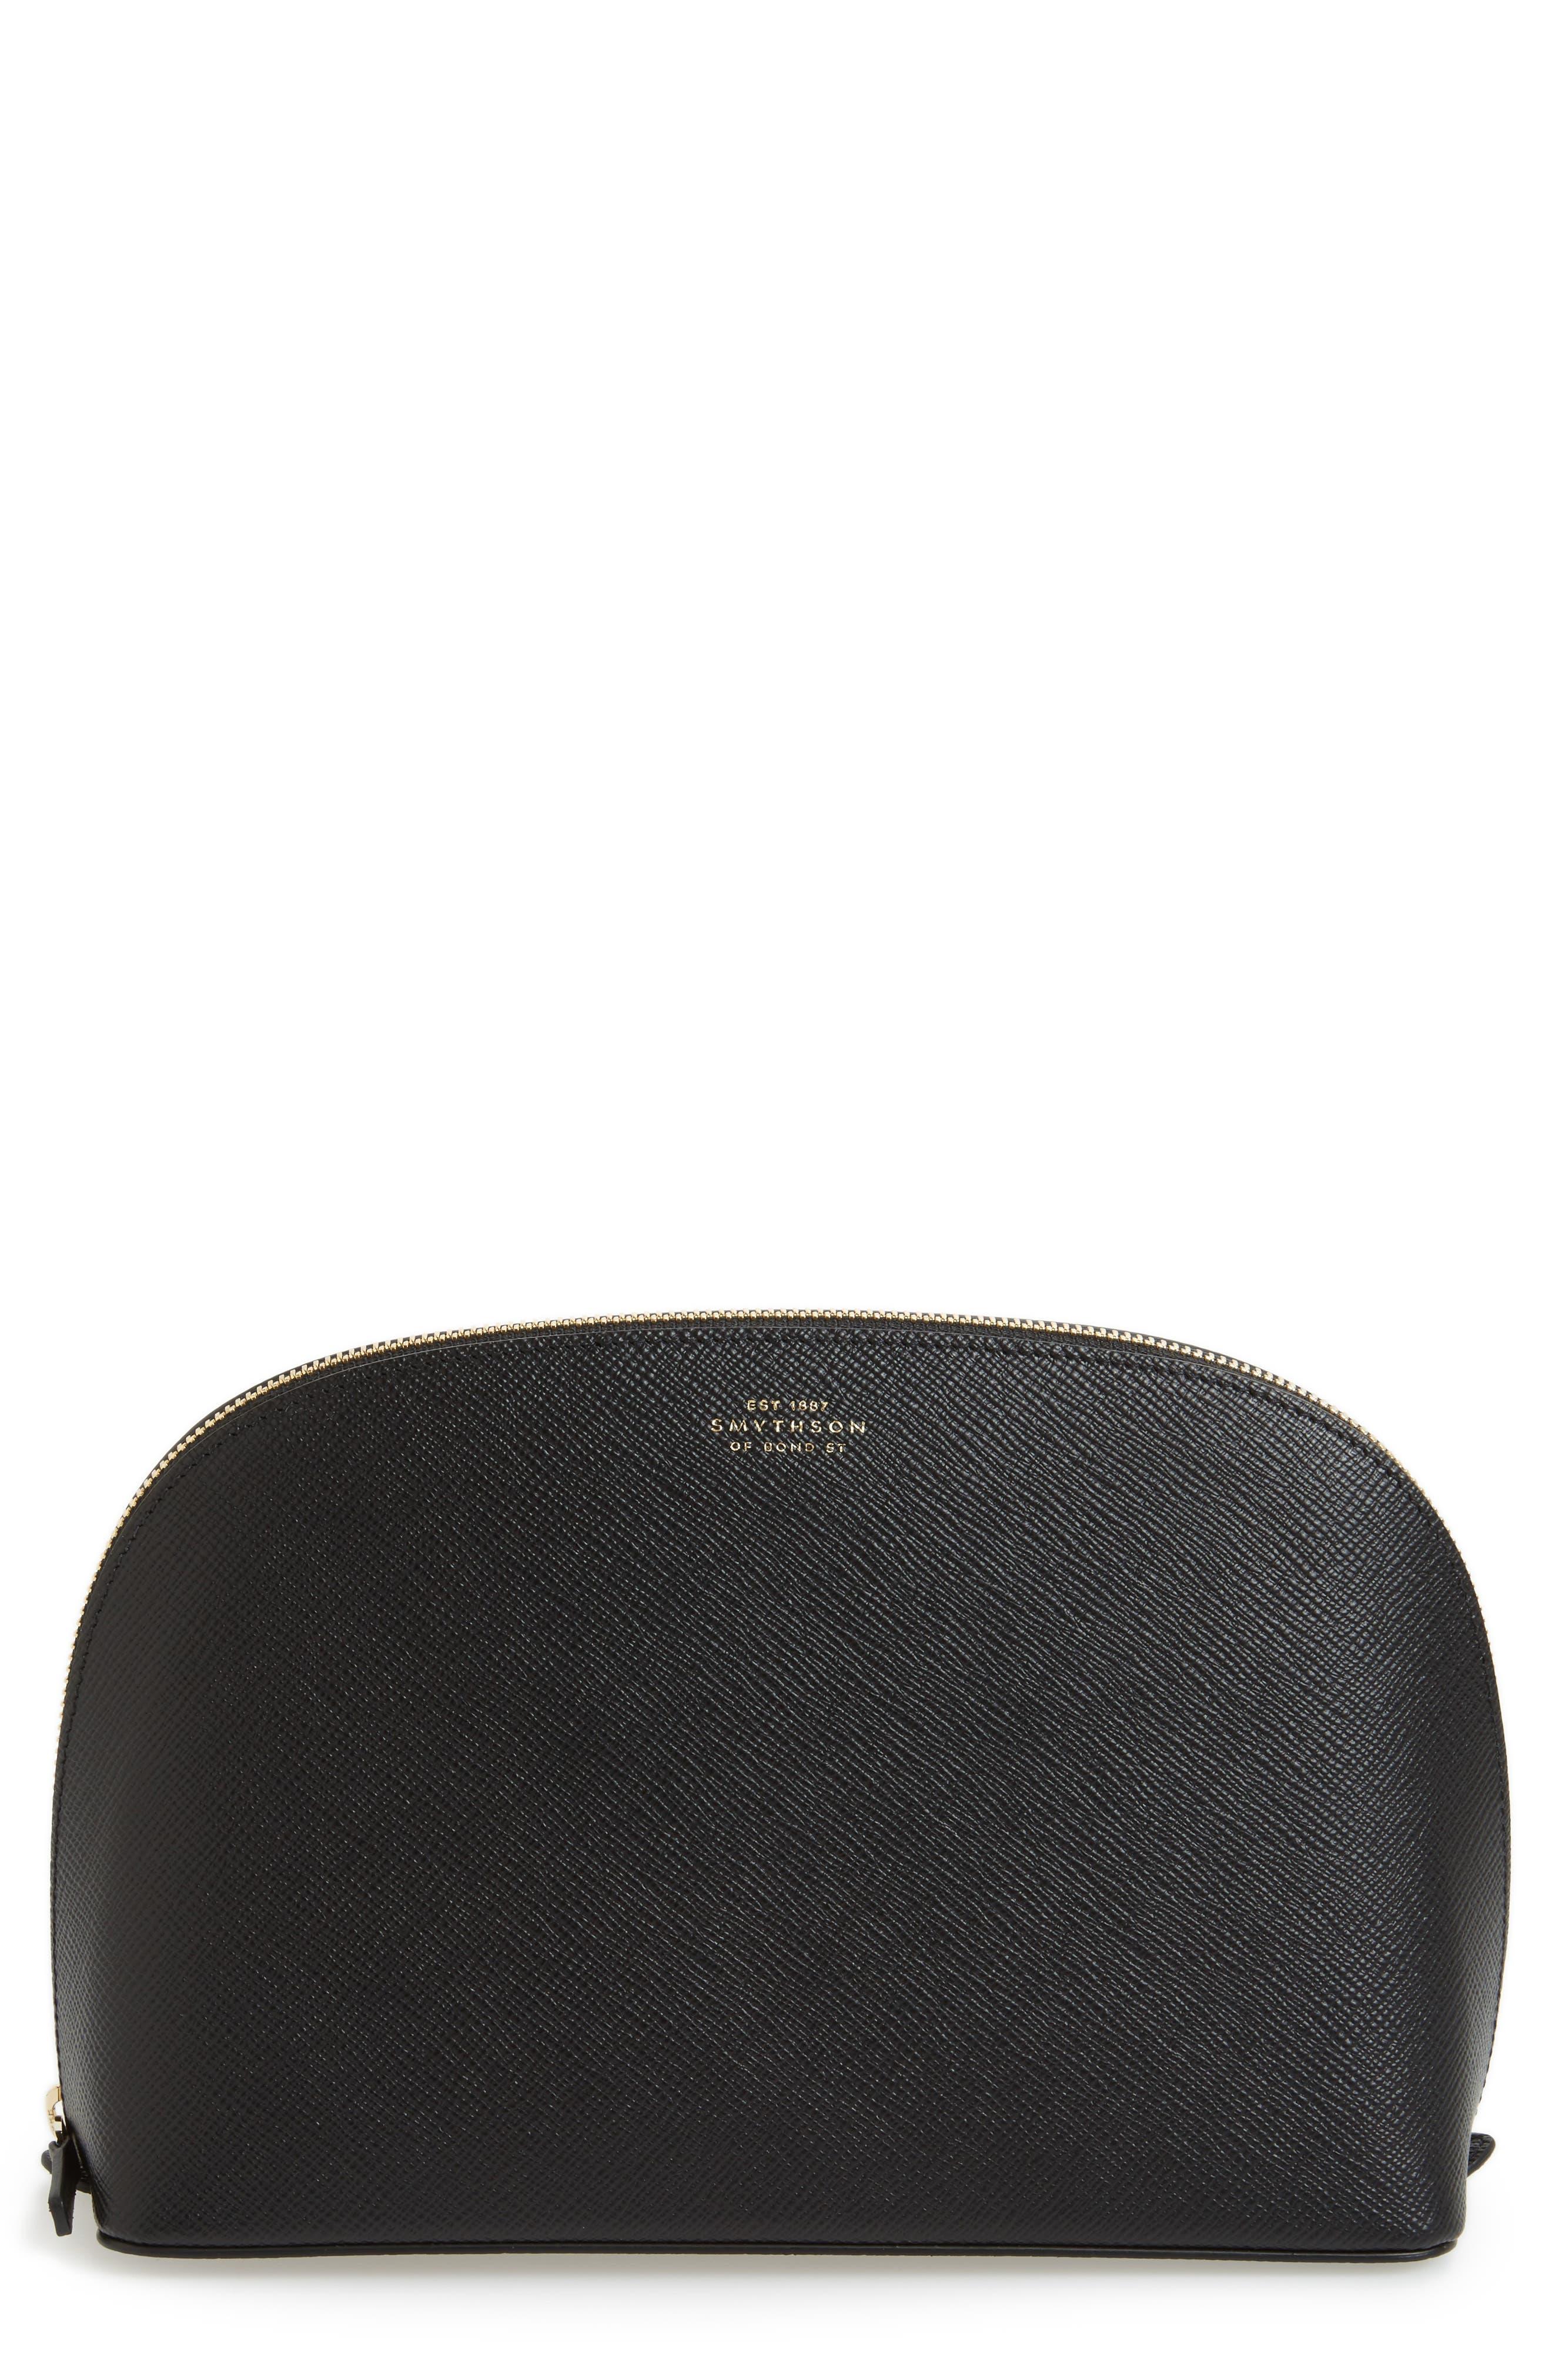 Main Image - Smythson Medium Leather Cosmetics Case